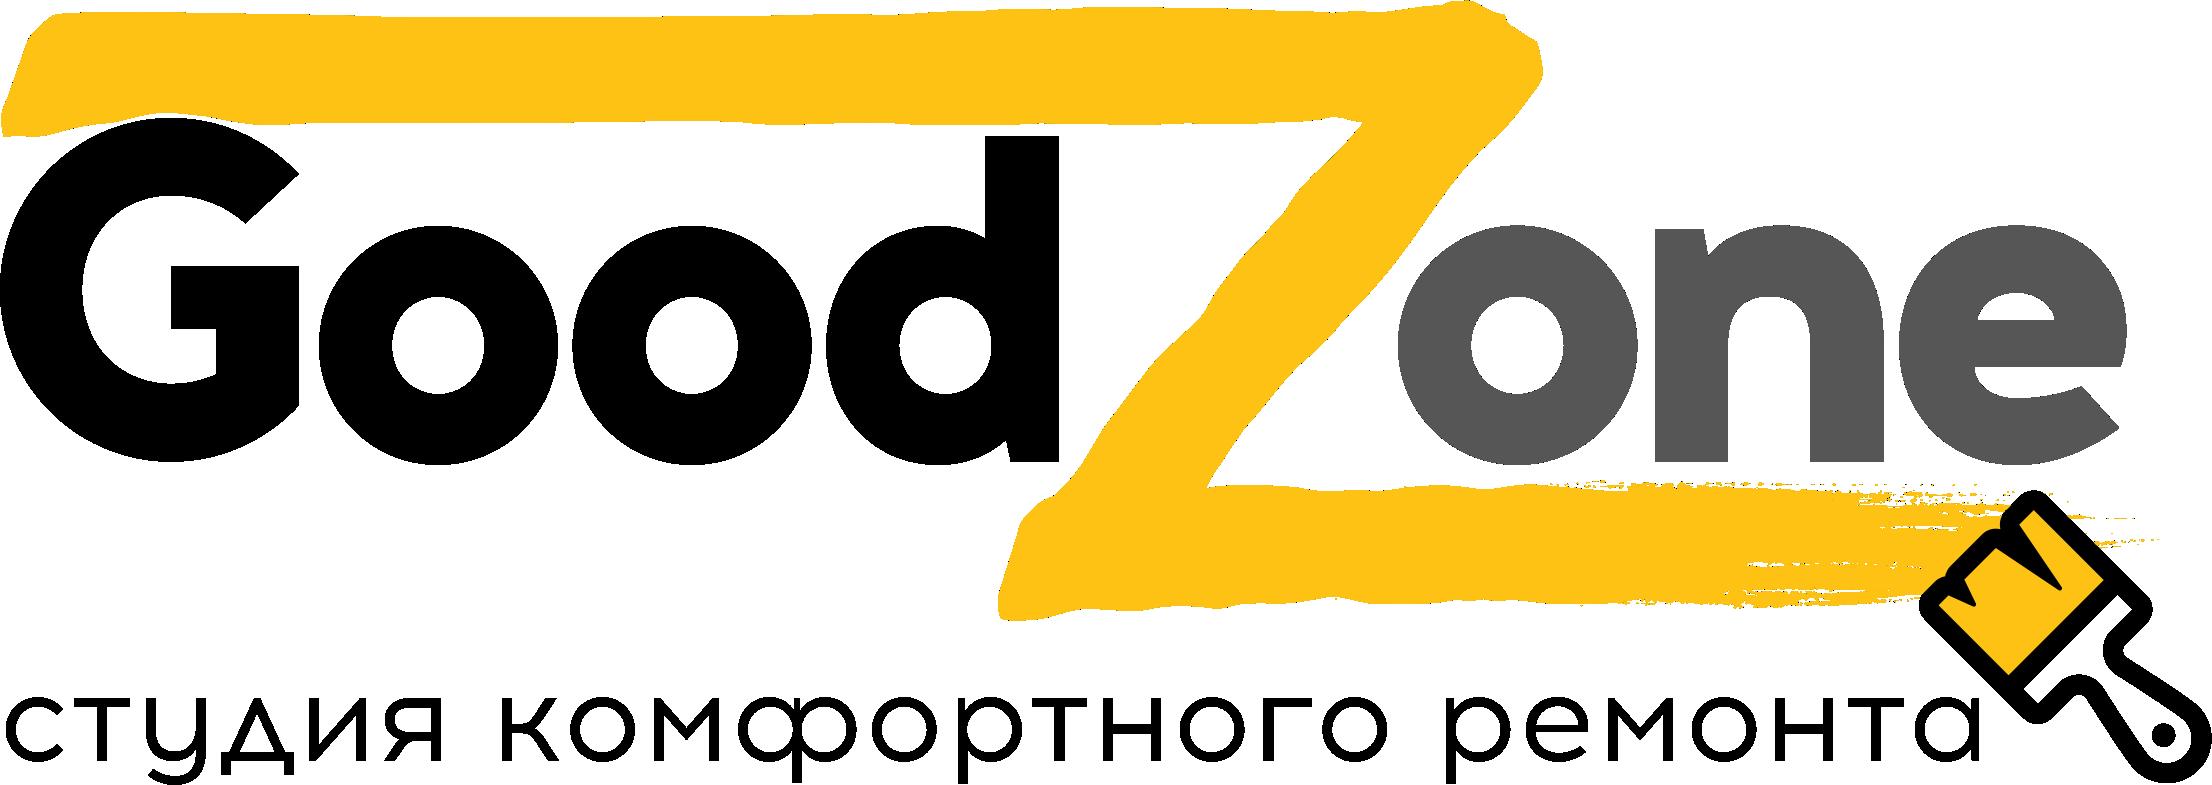 zaymer личный кабинет займ вход